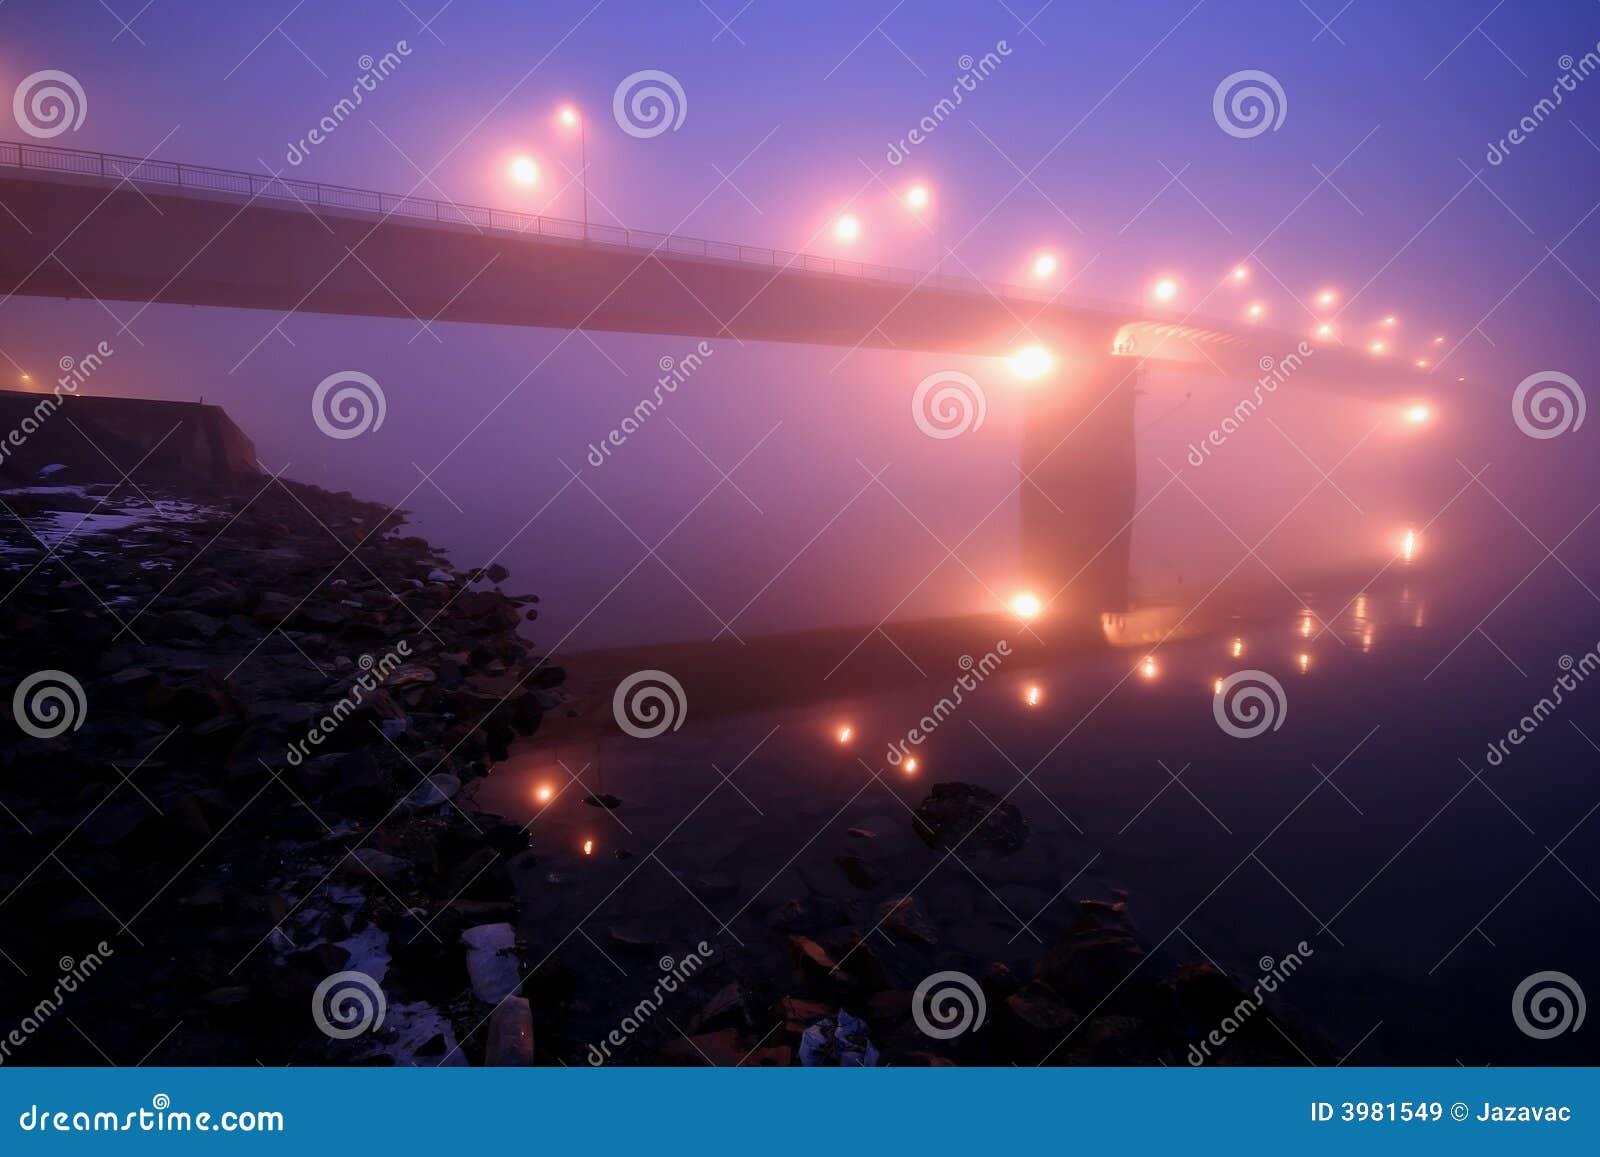 Mystical bgidge in fog